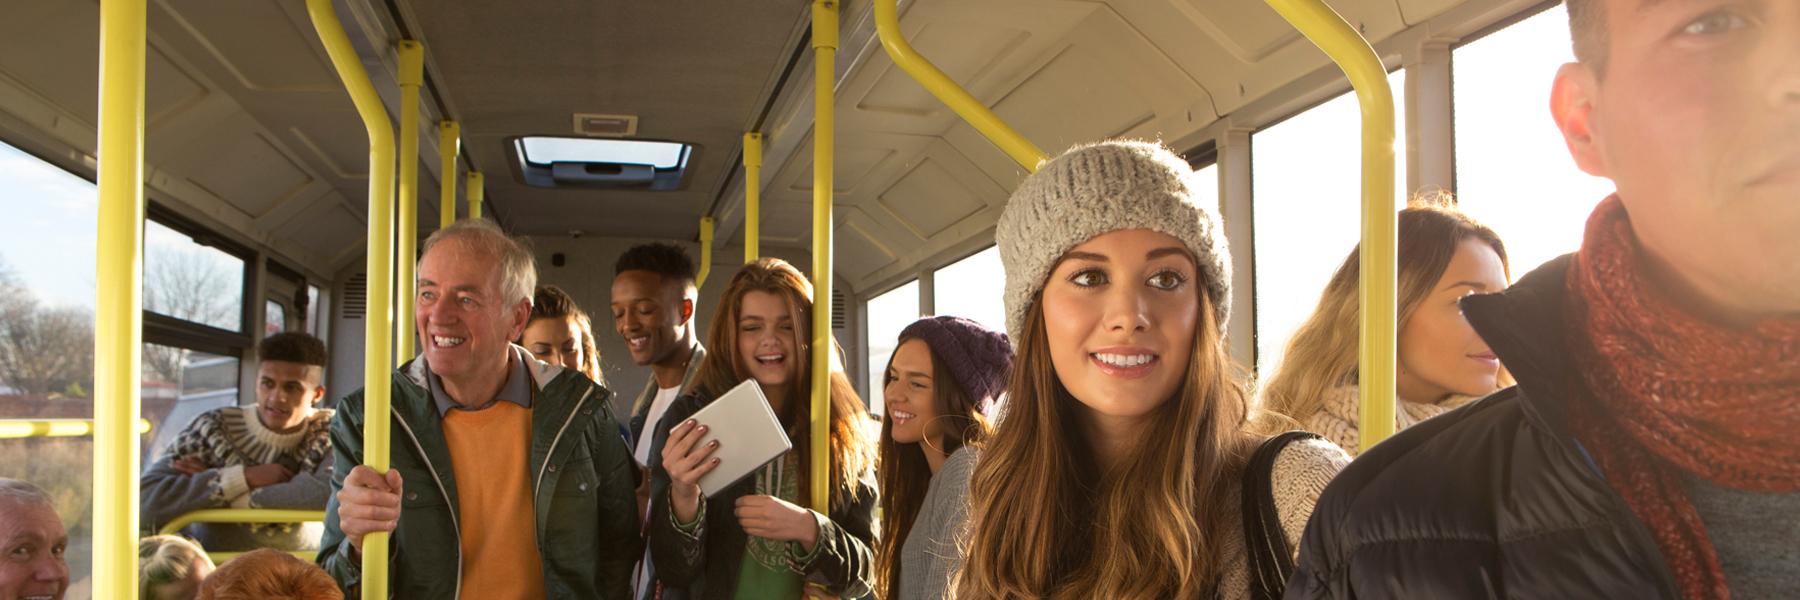 Das Bild zeigt Fahrgäste im Bus.